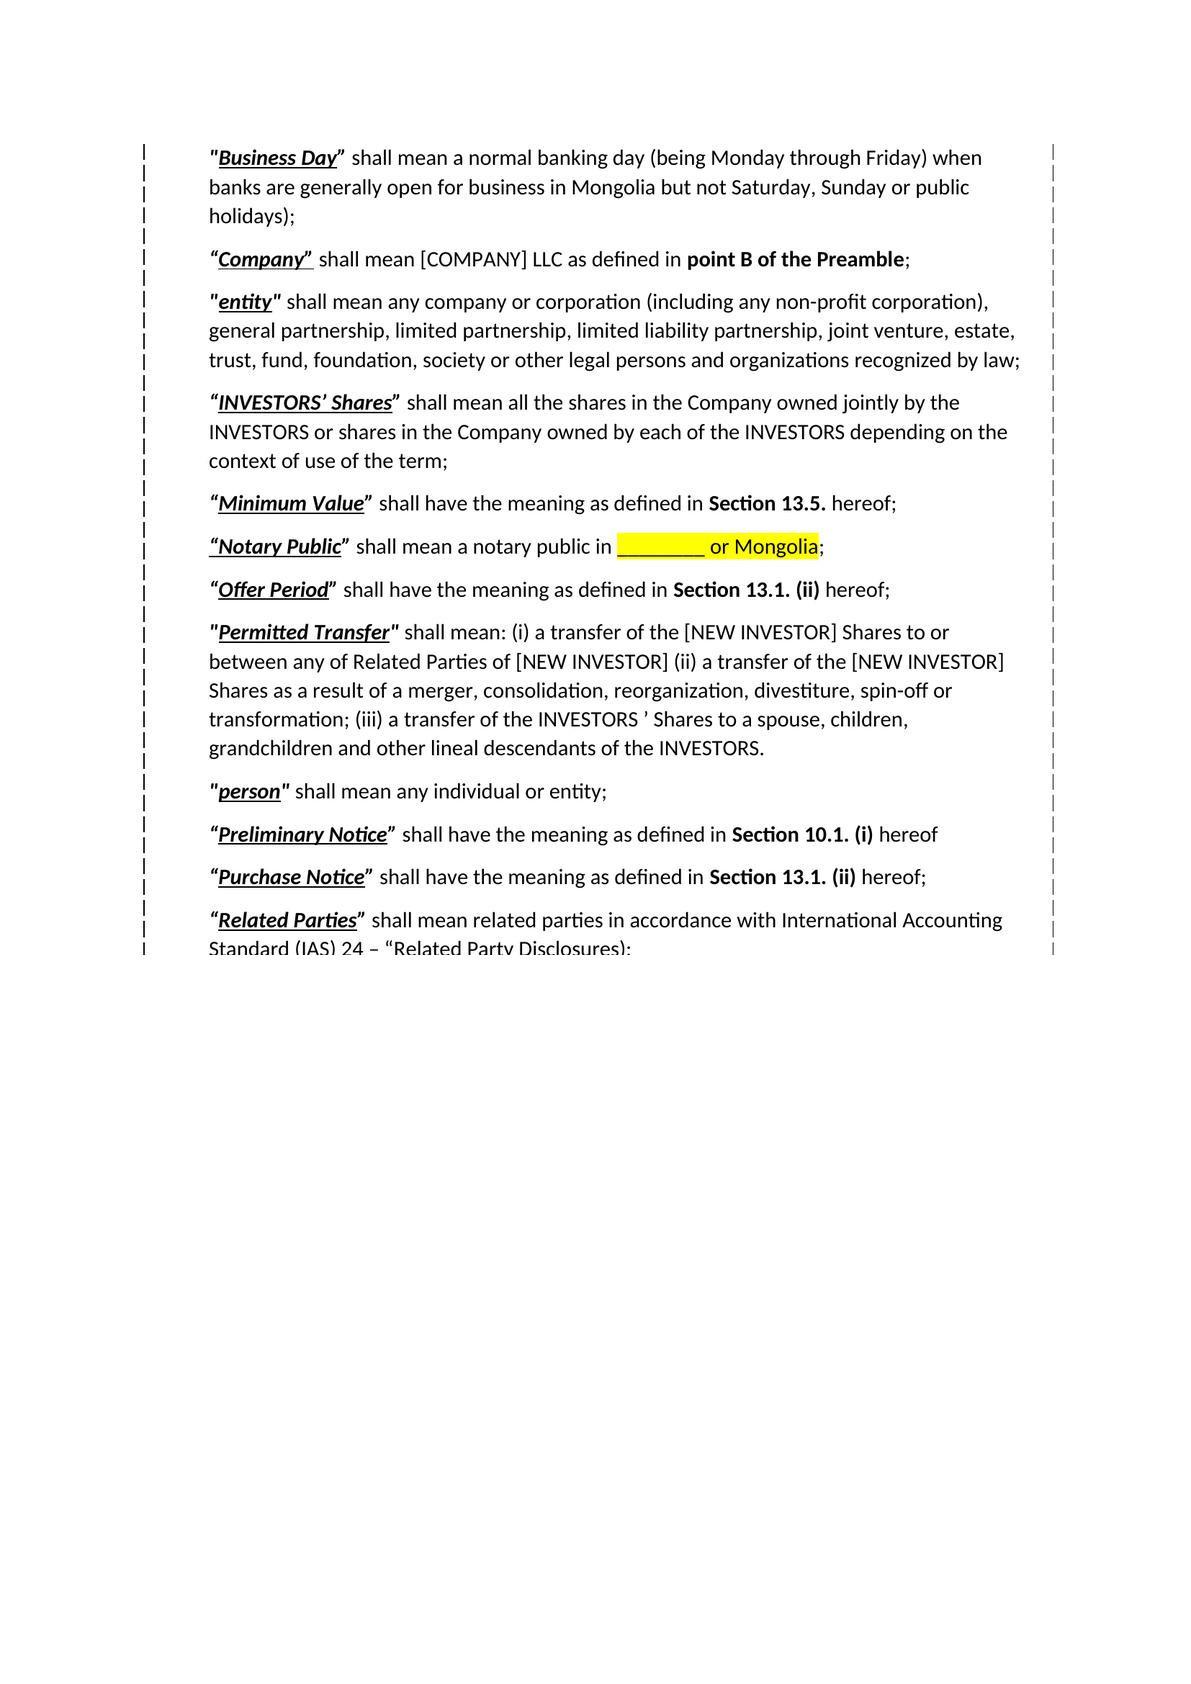 Shareholders' agreement-2